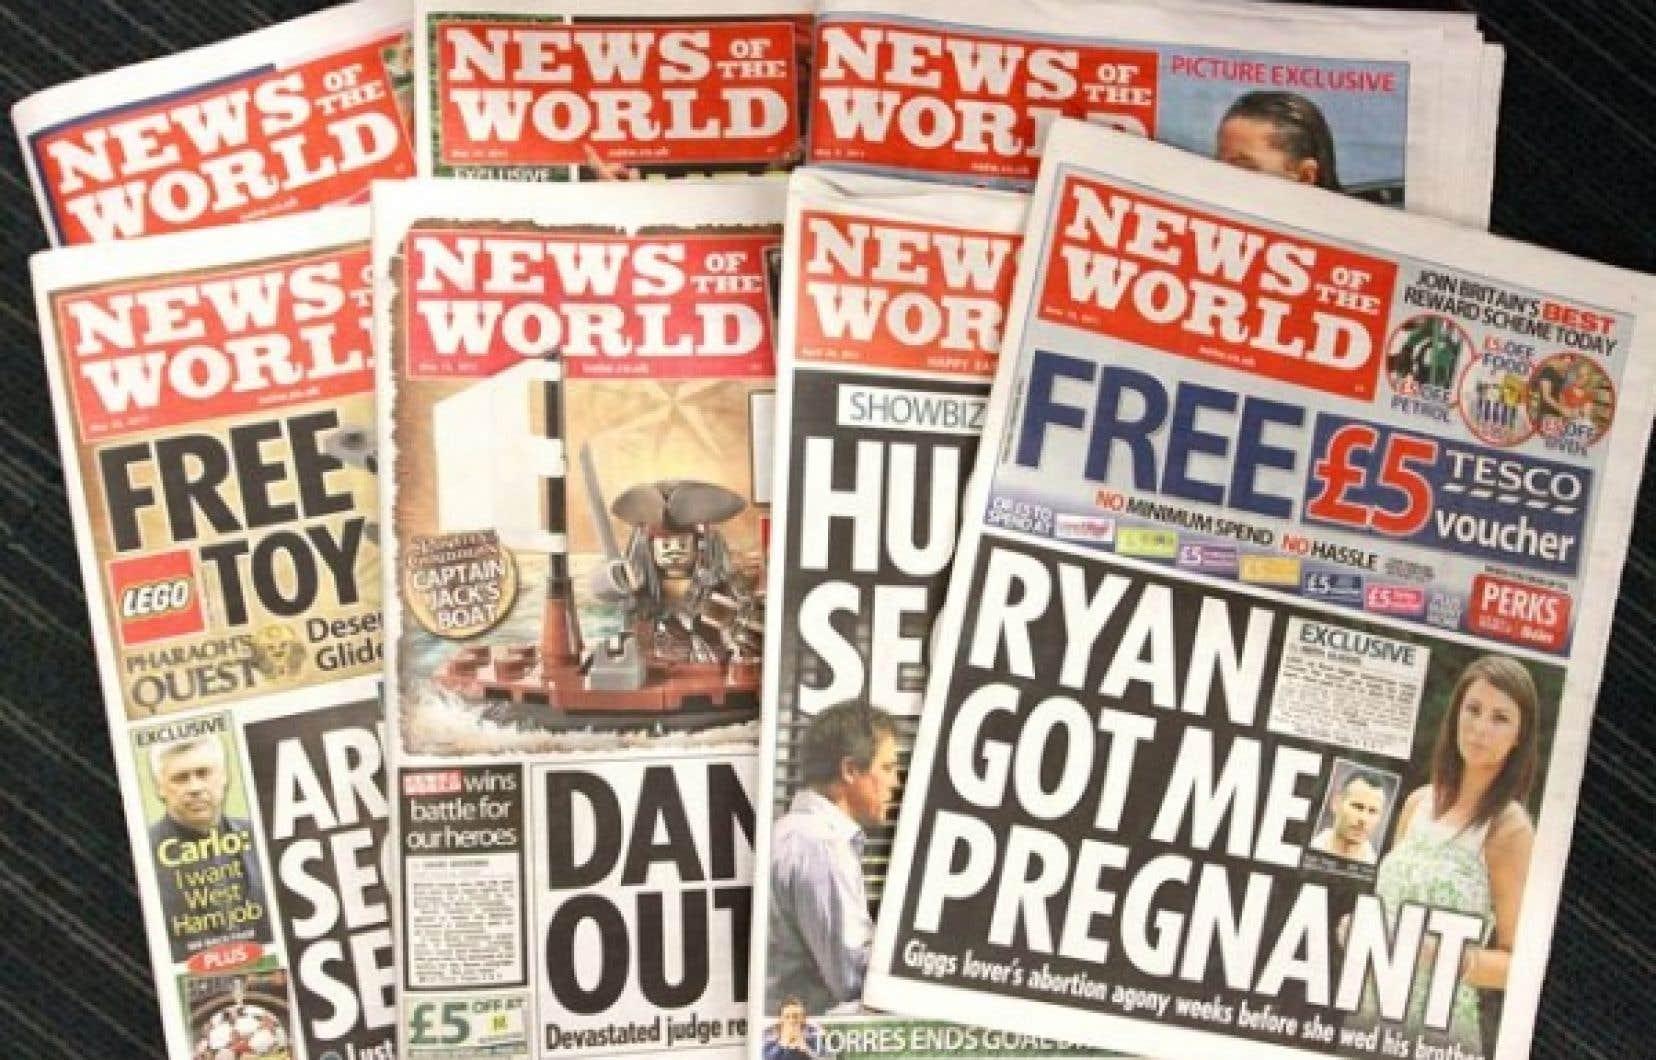 Le tabloid «News of the World», déjà très contesté pour son sensationnalisme, s'effondre sous le poids des scandales. <br />